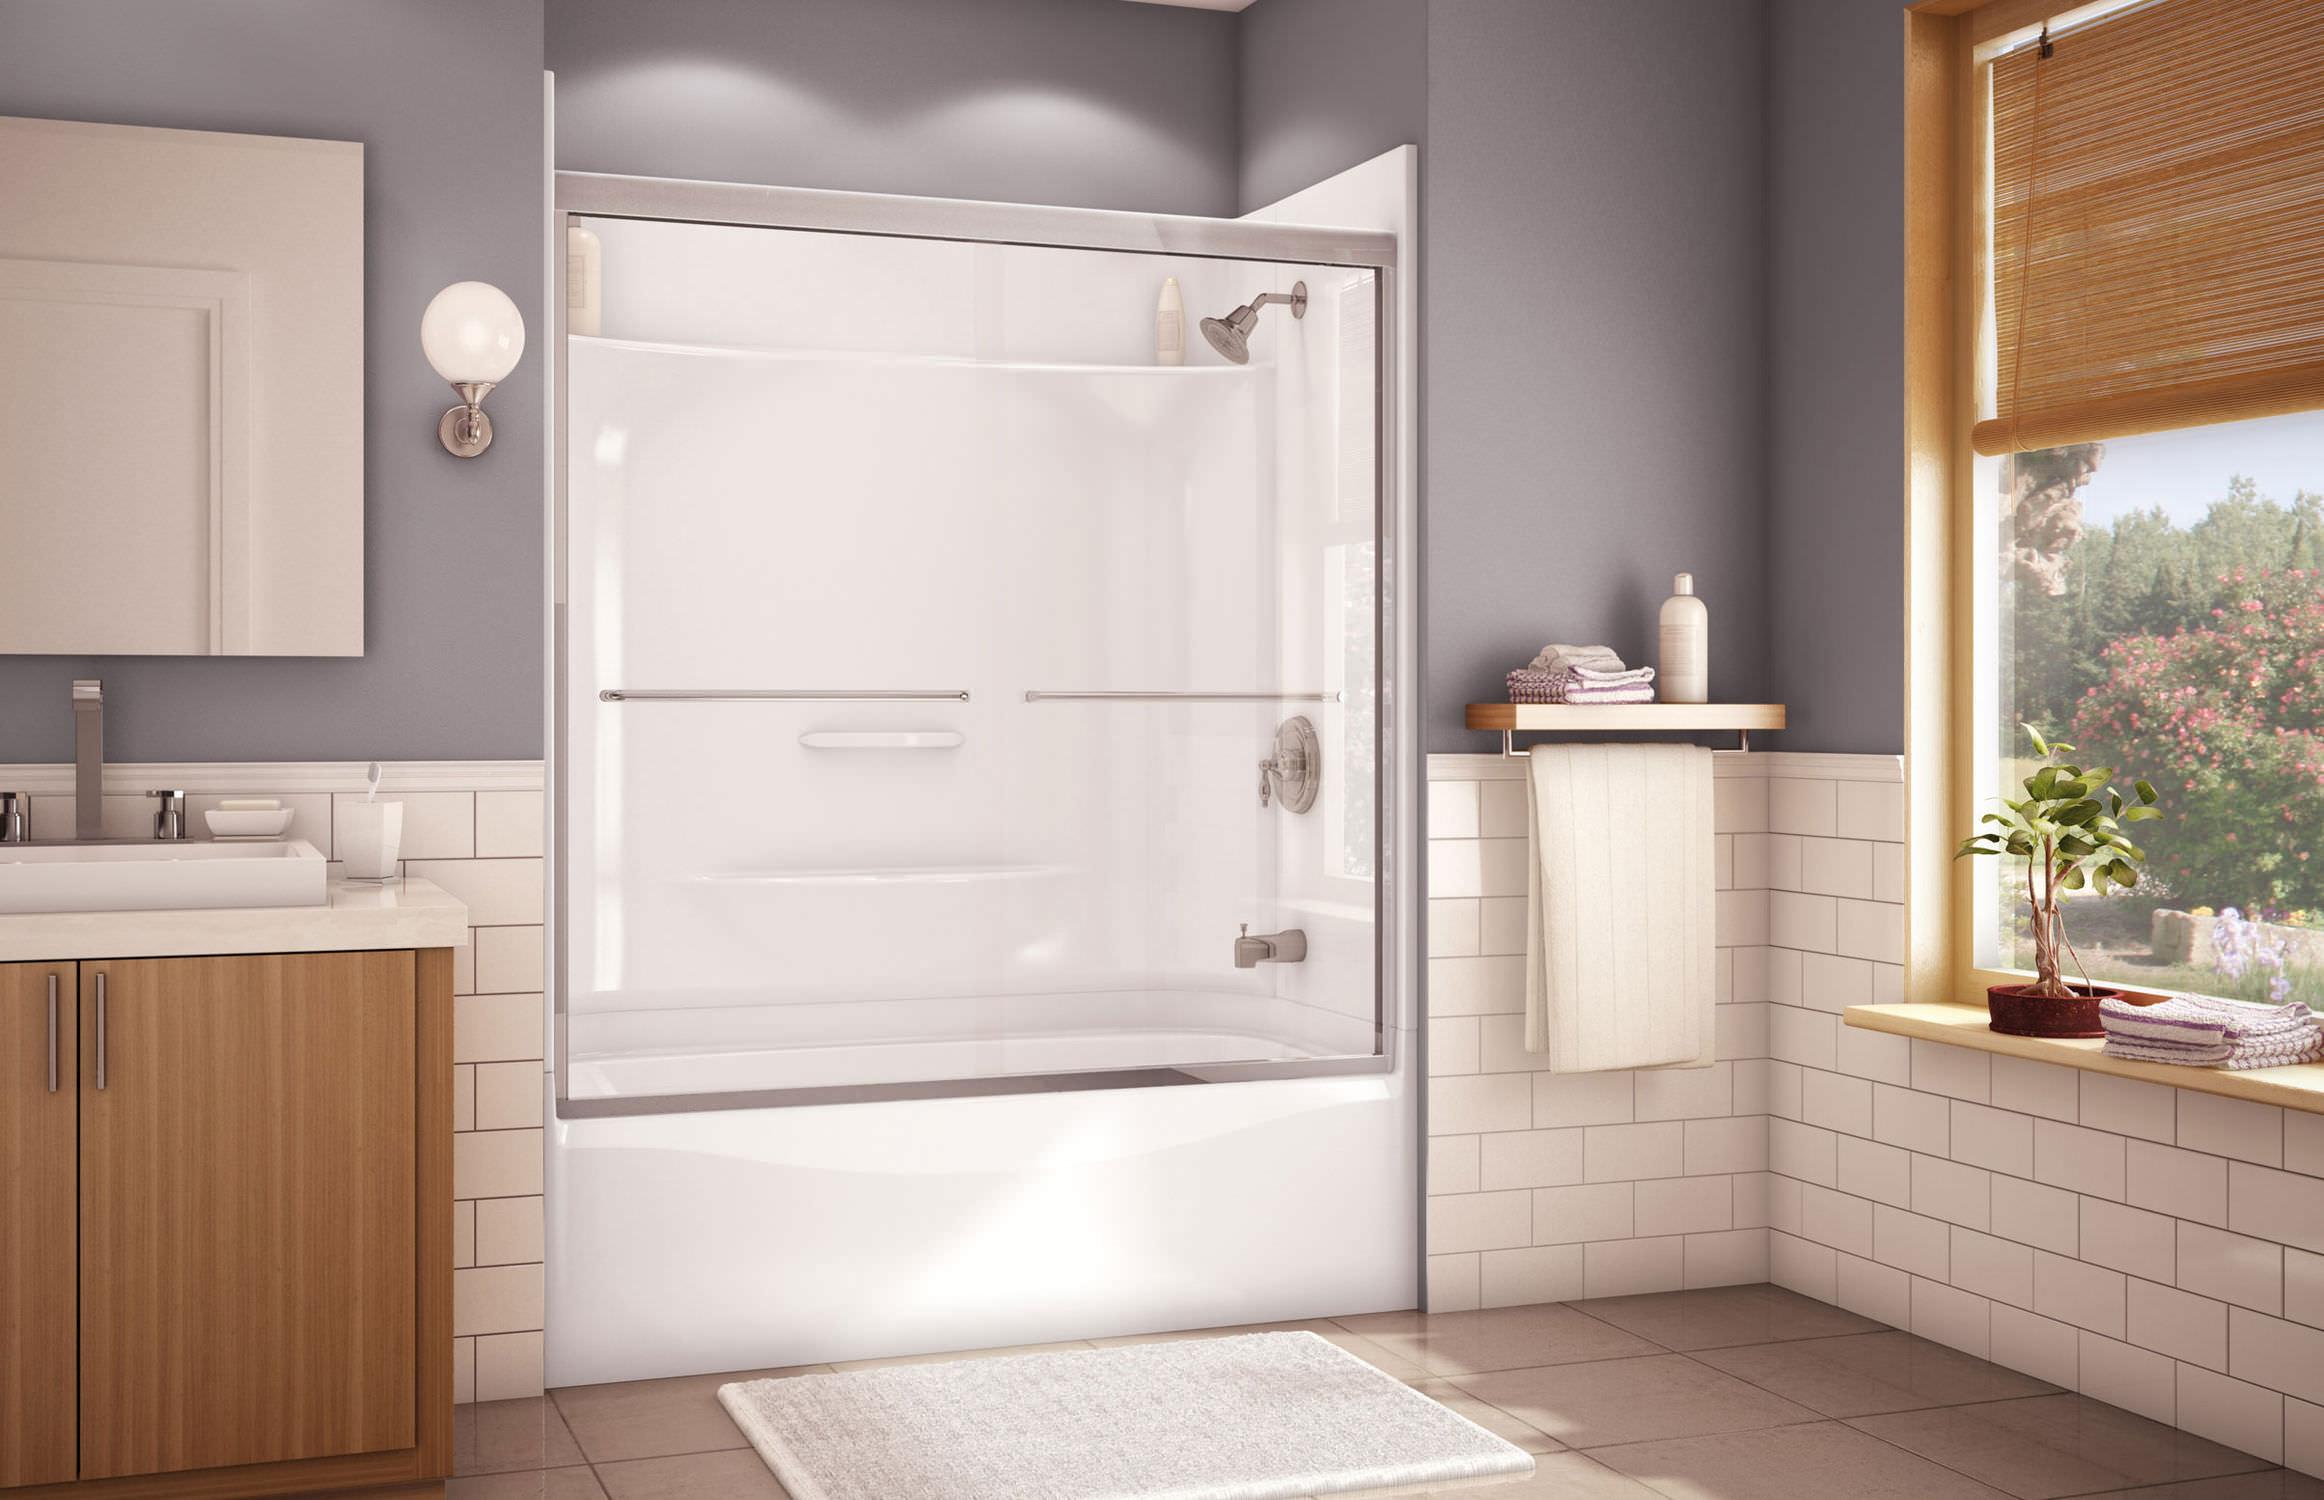 Essence Ts 6032 Maax Bathroom